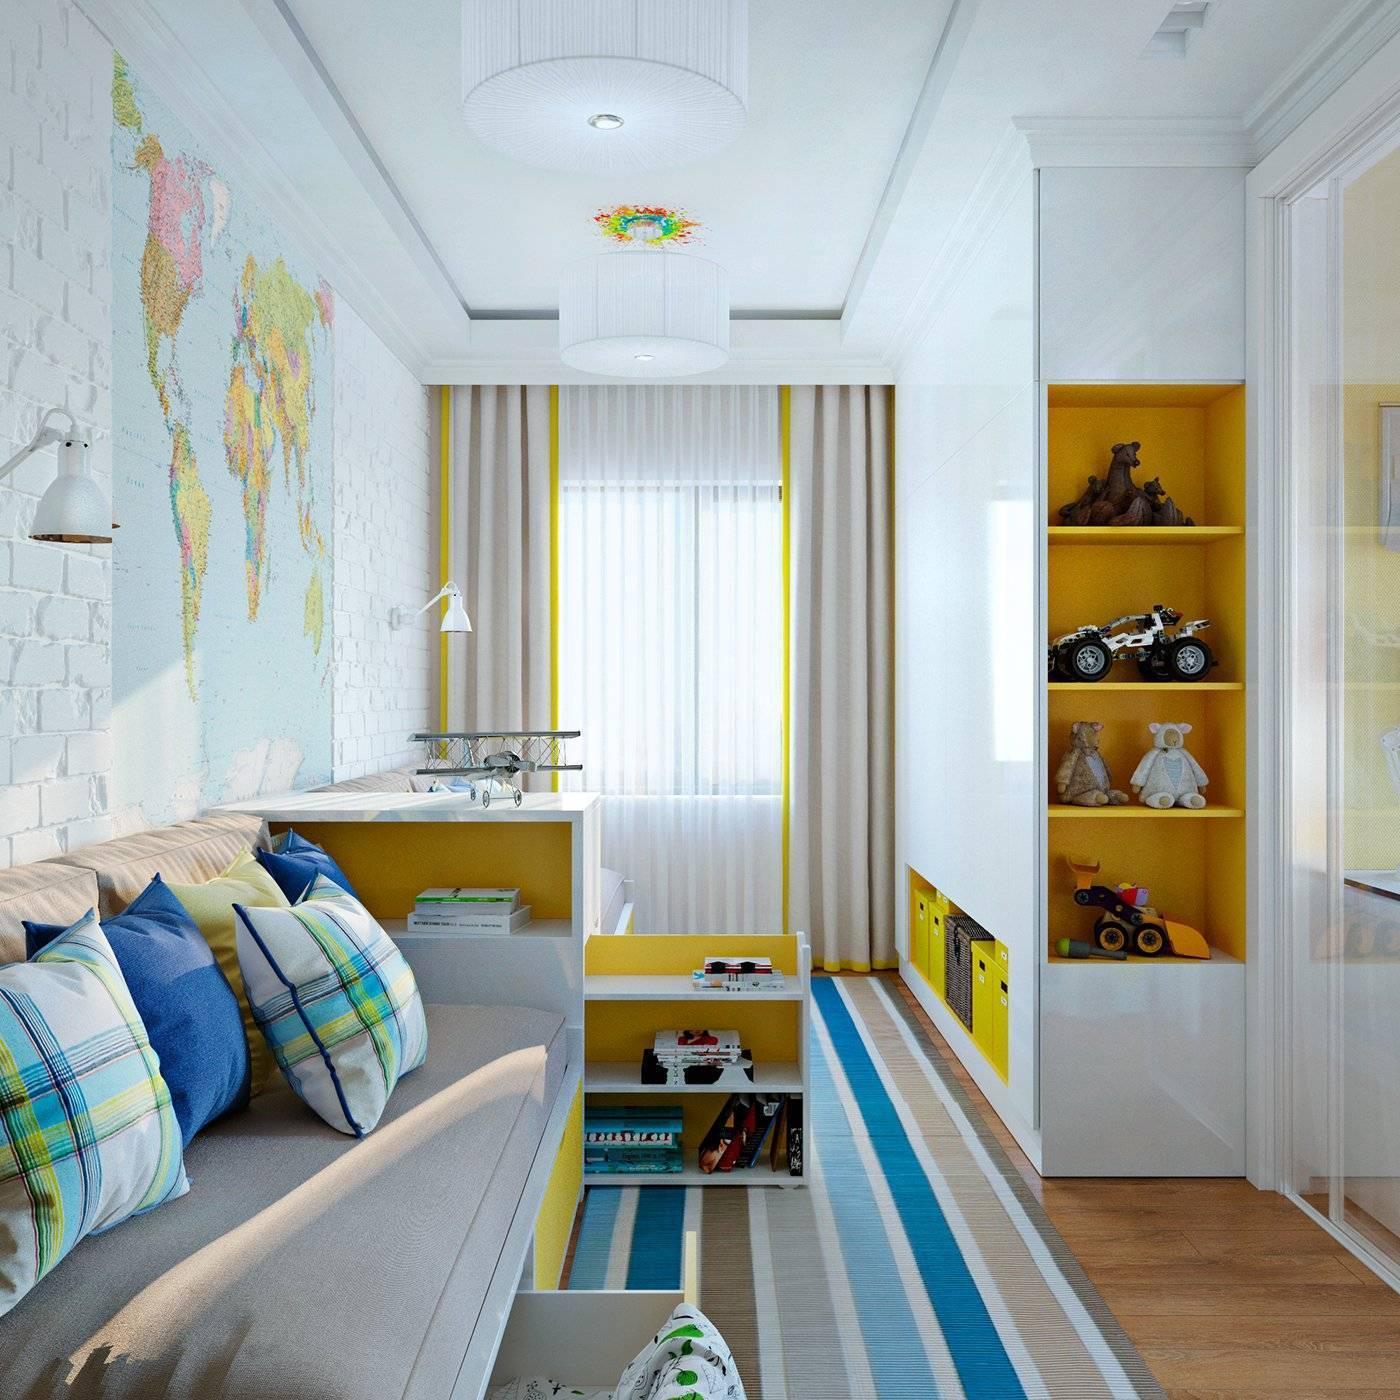 Детская 11 кв м: комната для подростка, для двоих, примеры дизайна интерьера